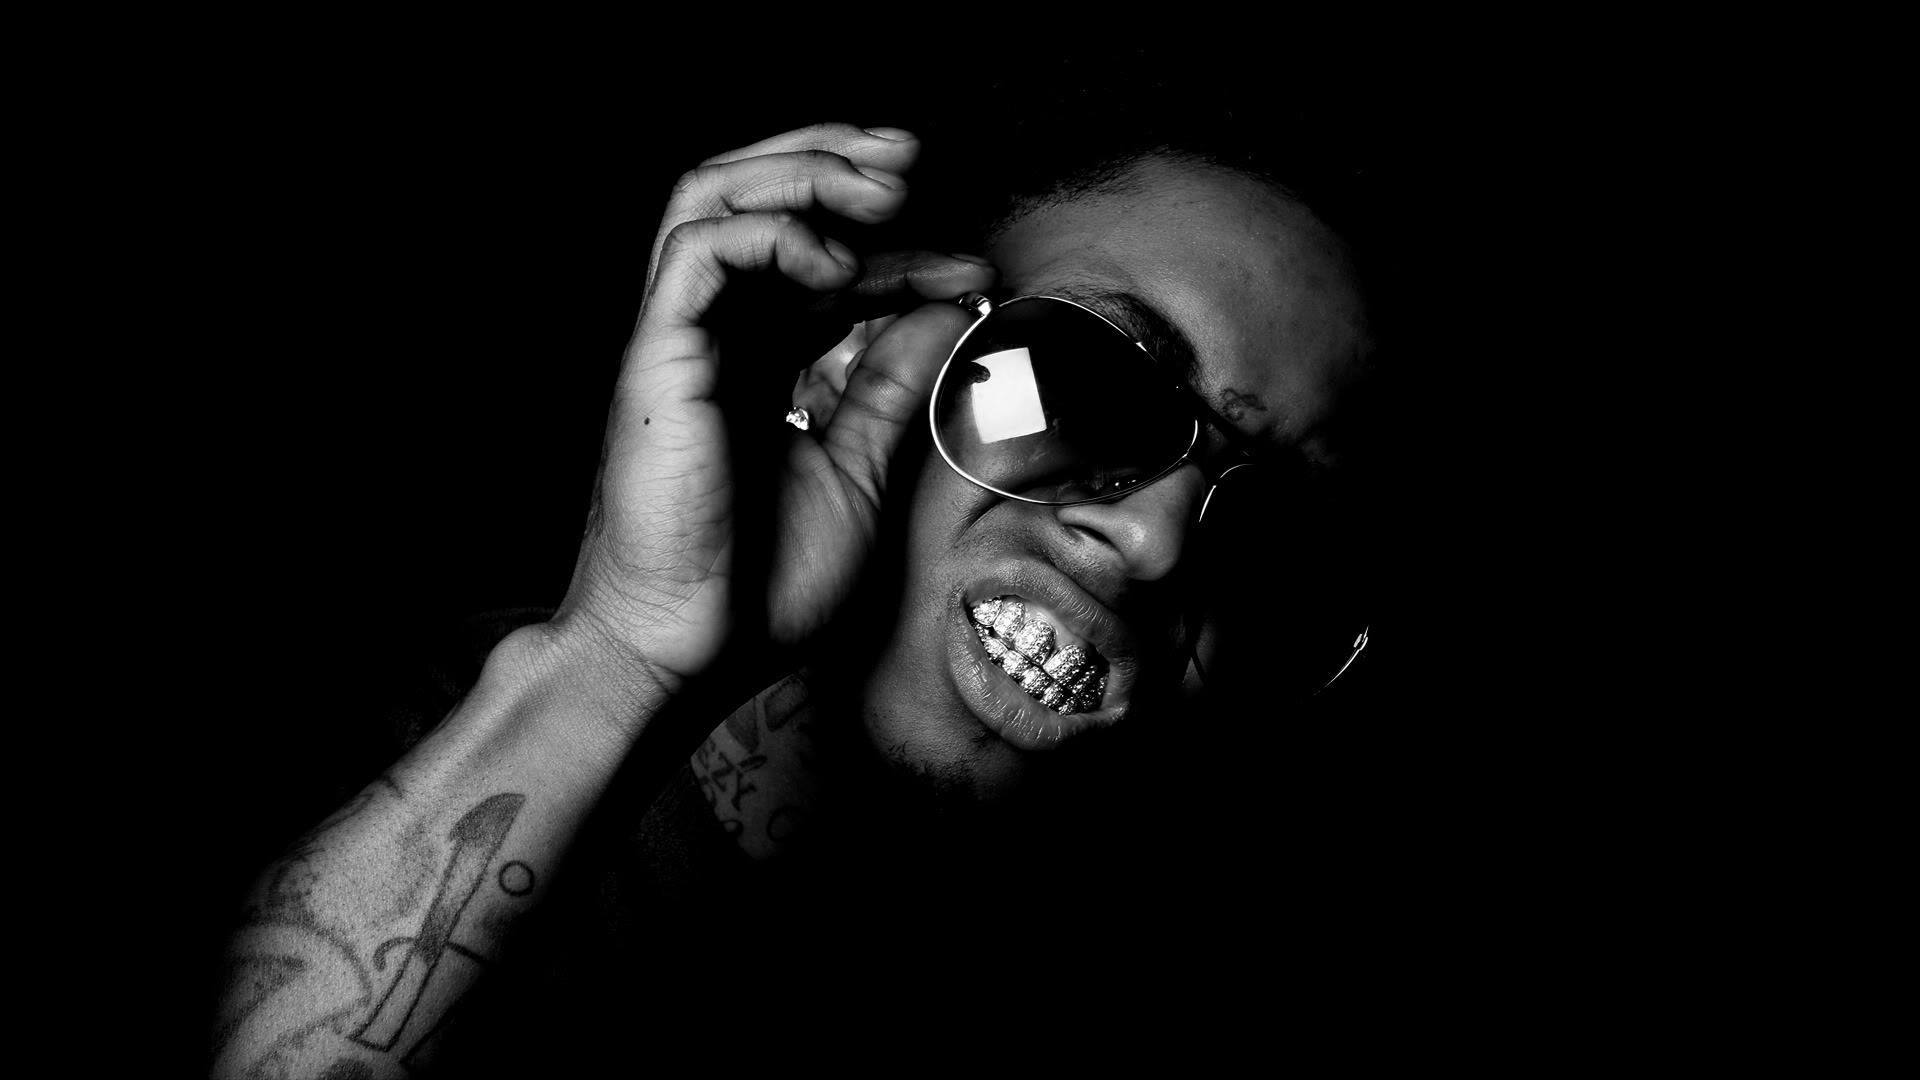 Wayne-glasses